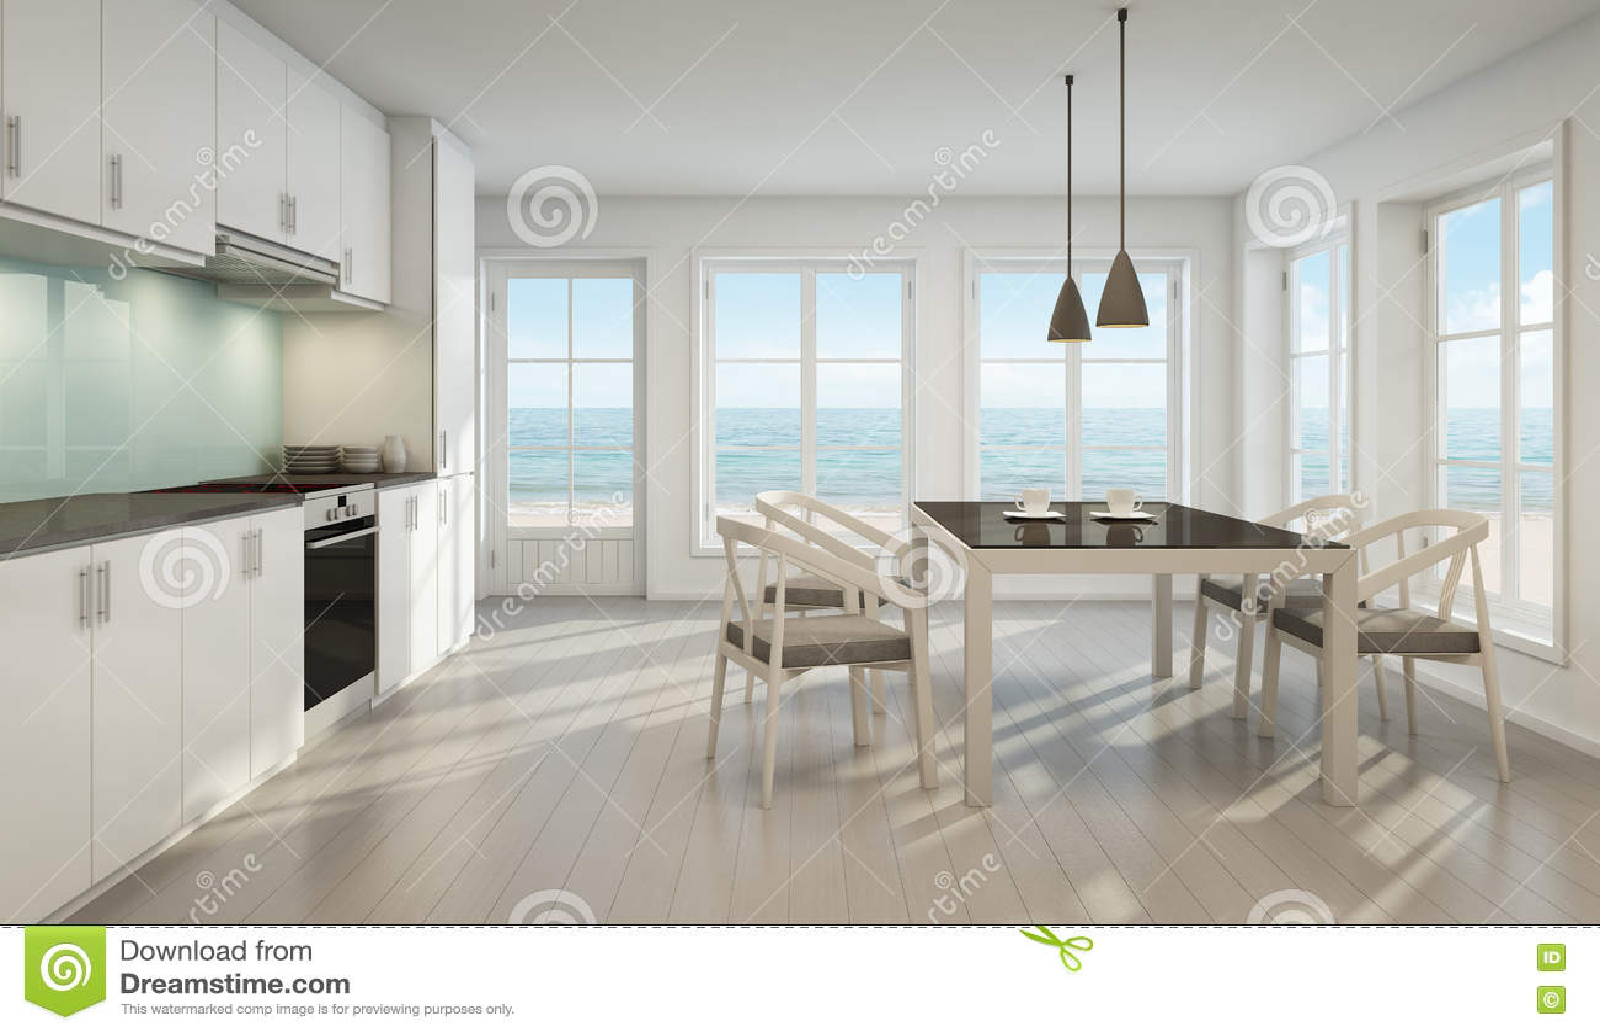 Esszimmer Und Küche Der Seeansicht Im Strandhaus Stock Abbildung ...